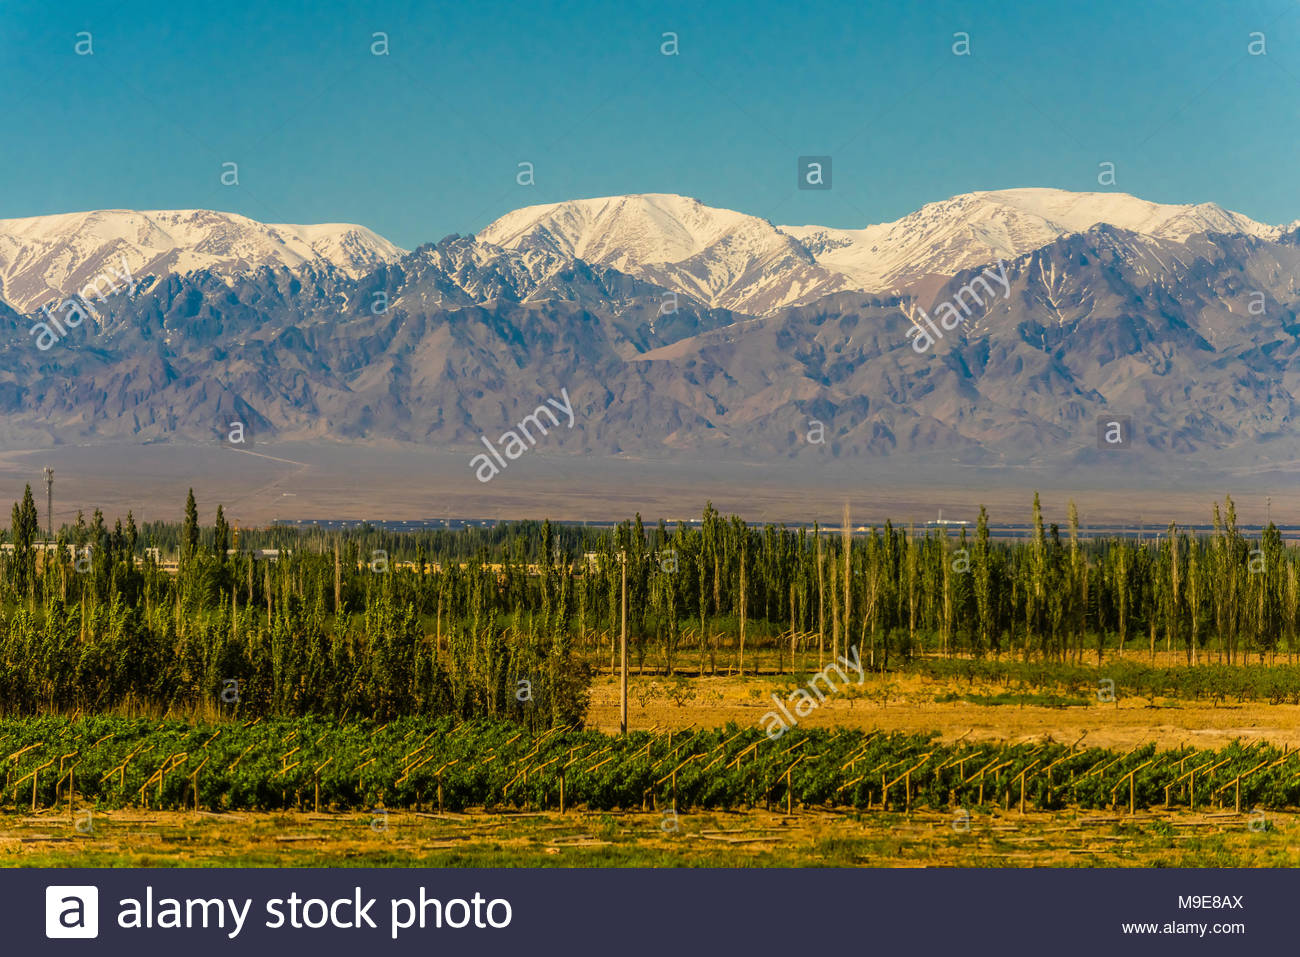 Une montagne aux vu de train entre dans la province de Gansu, Dunhuang Turpan et dans la province du Xinjiang. Au nord (derrière les montagnes), se trouve le Photo Stock